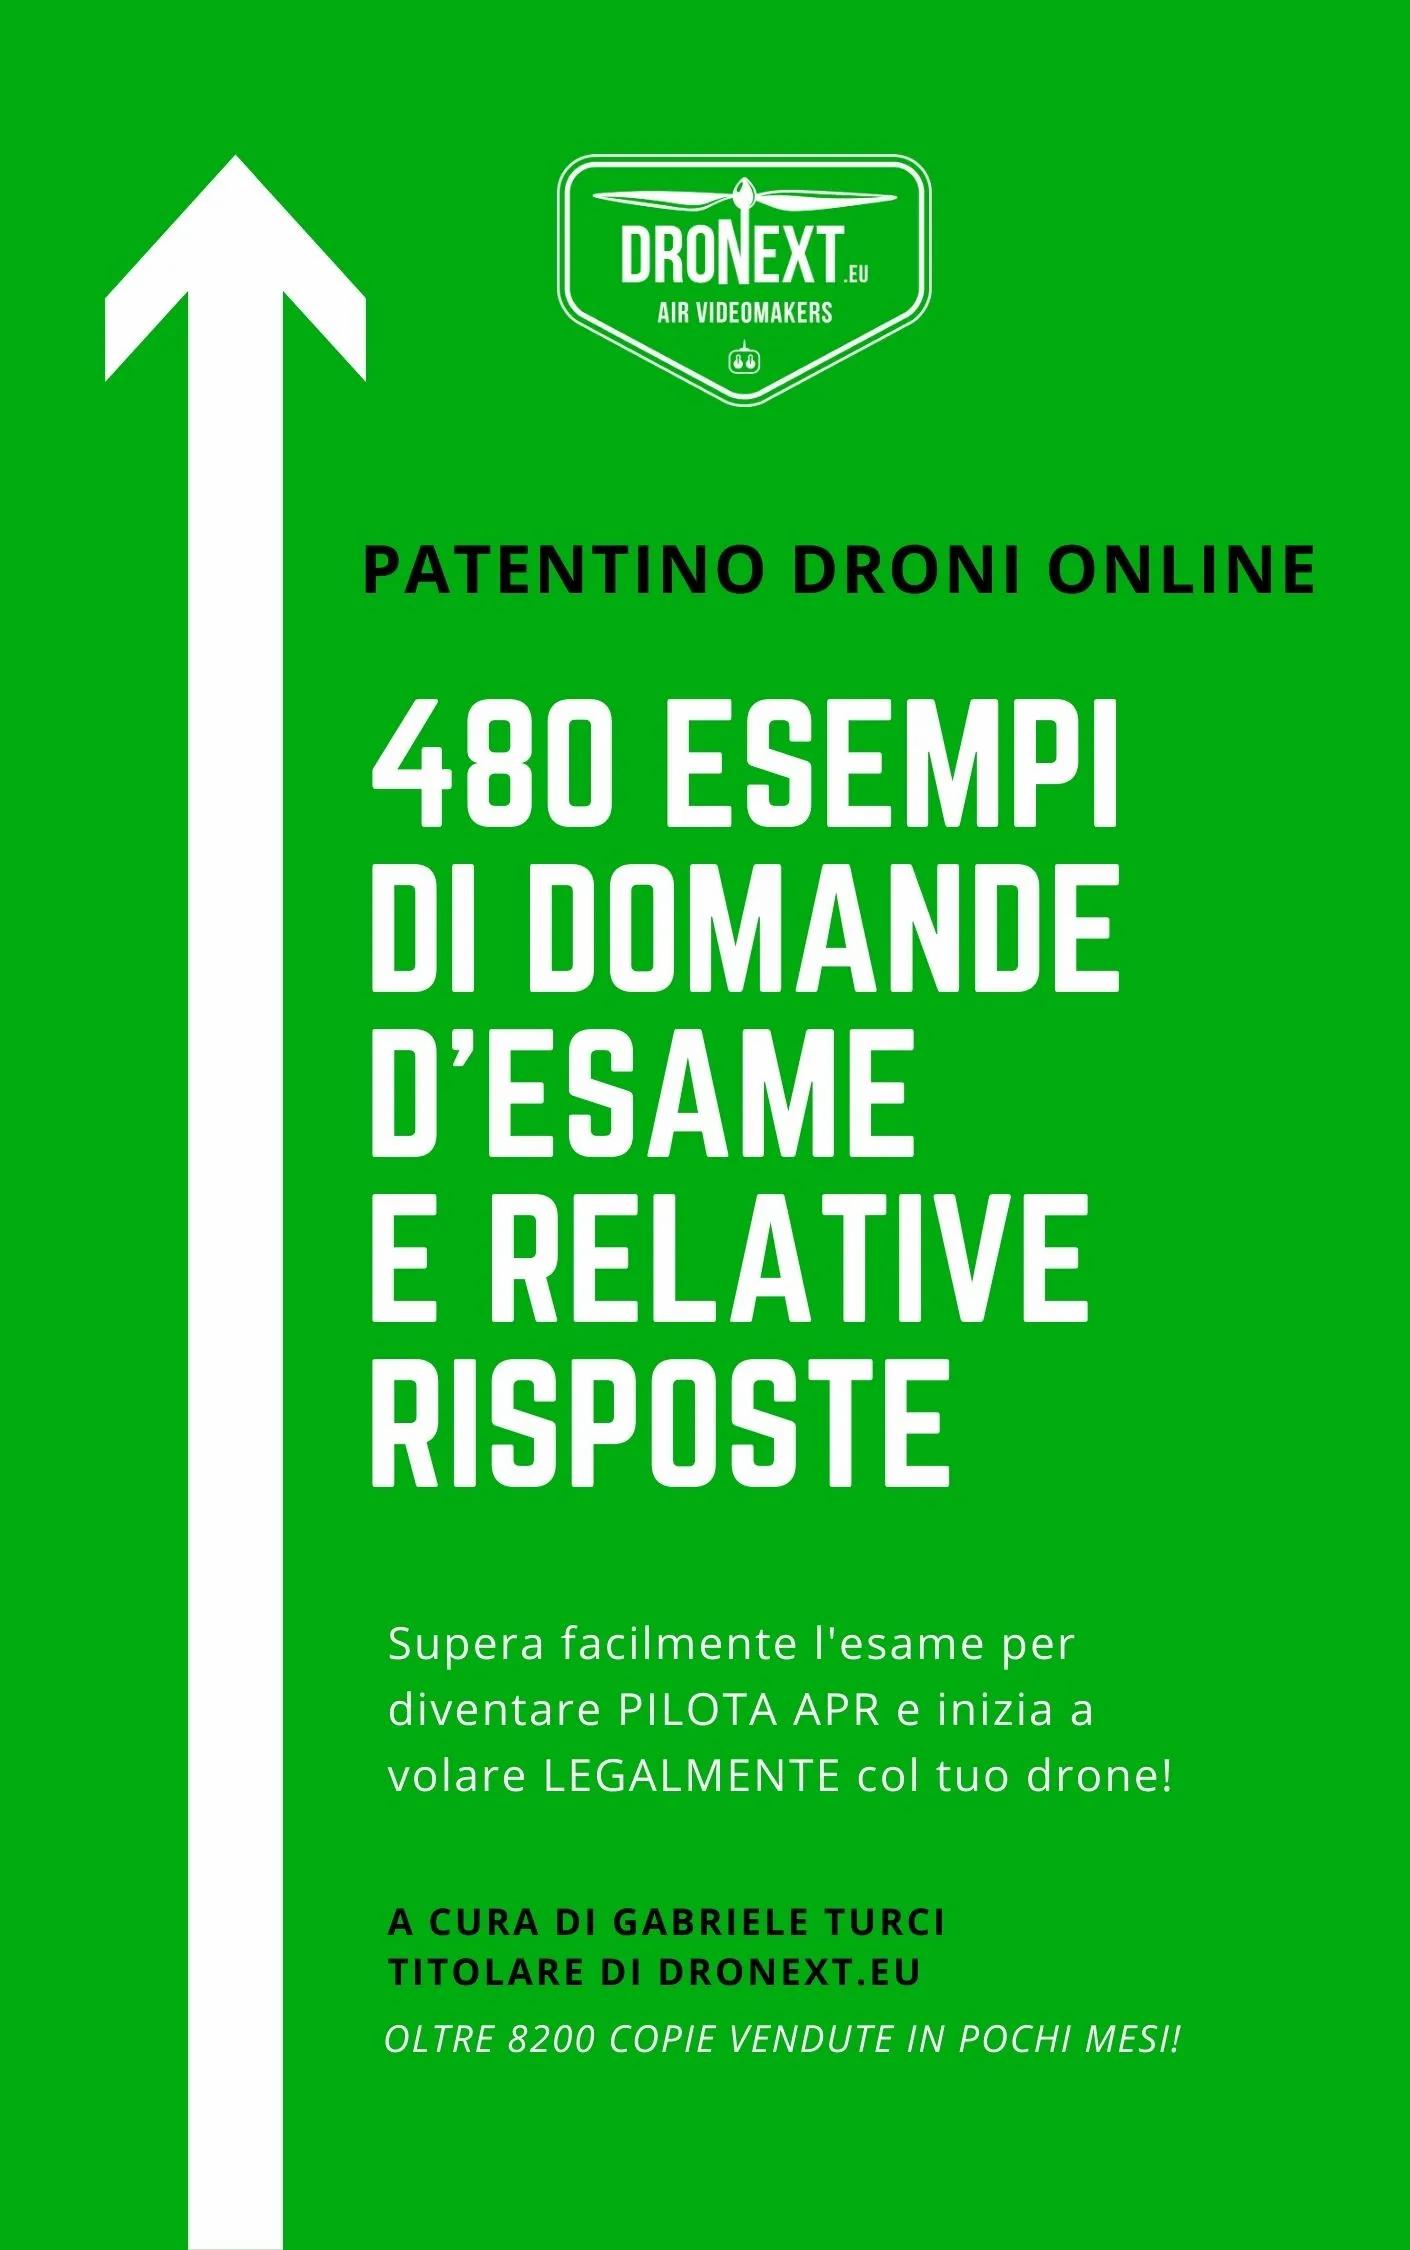 PATENTINO ONLINE DRONI DOMANDE D'ESAME